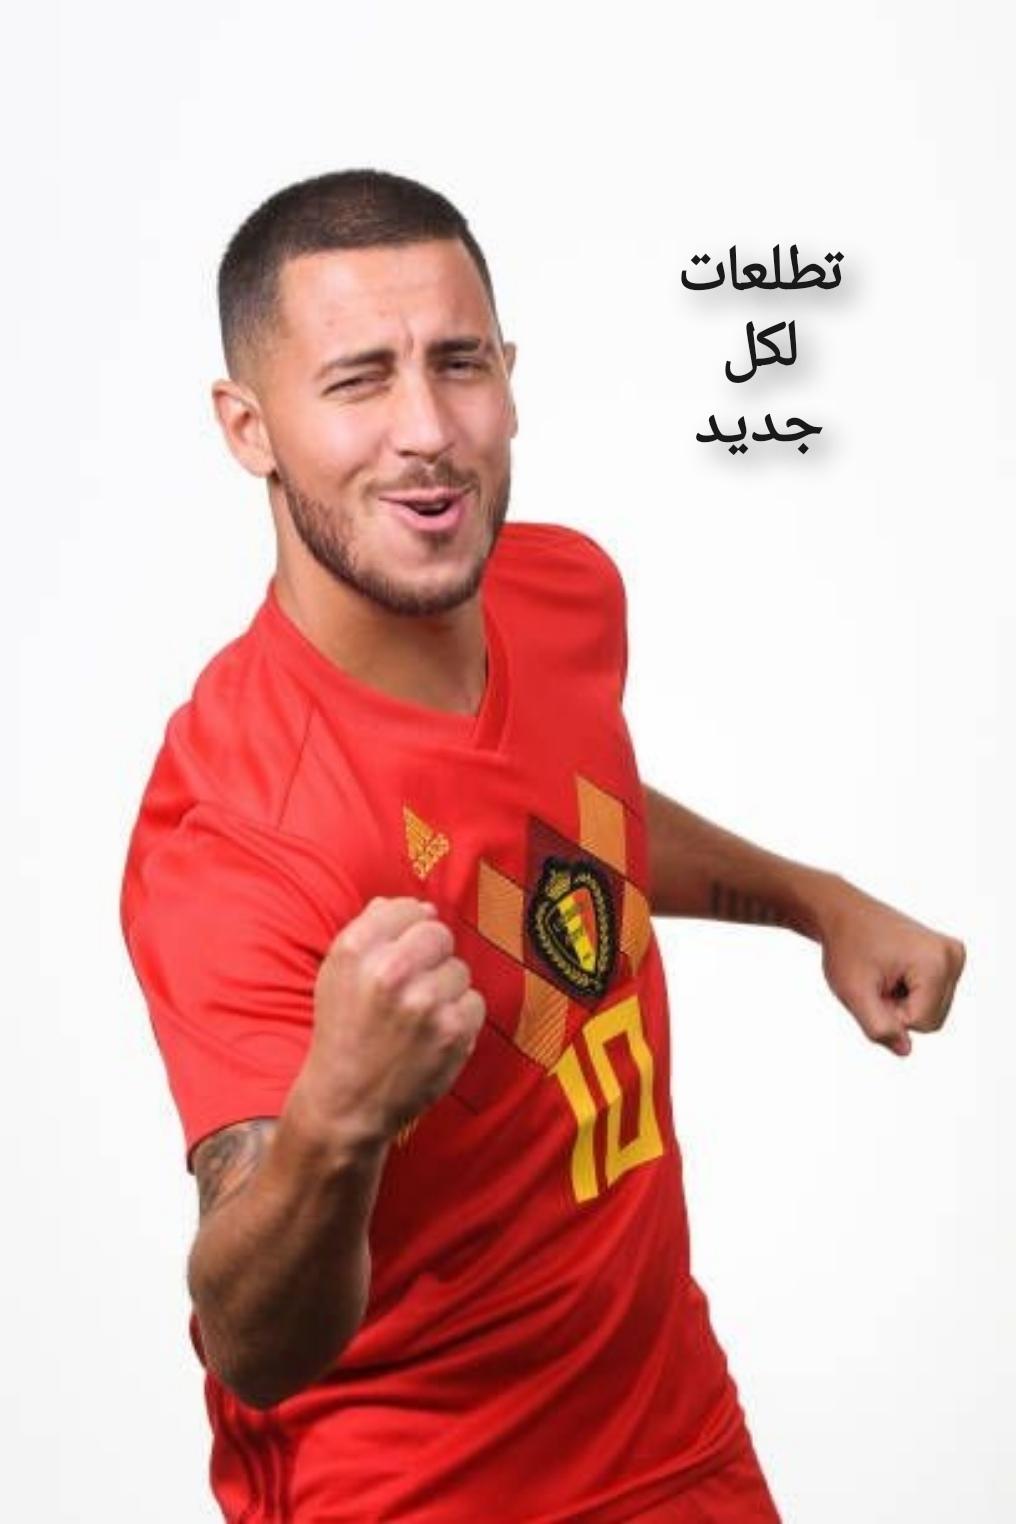 هازارد شائعة الدخول في الإسلام ورحلته من الأندية المحلية إلى ريال مدريد